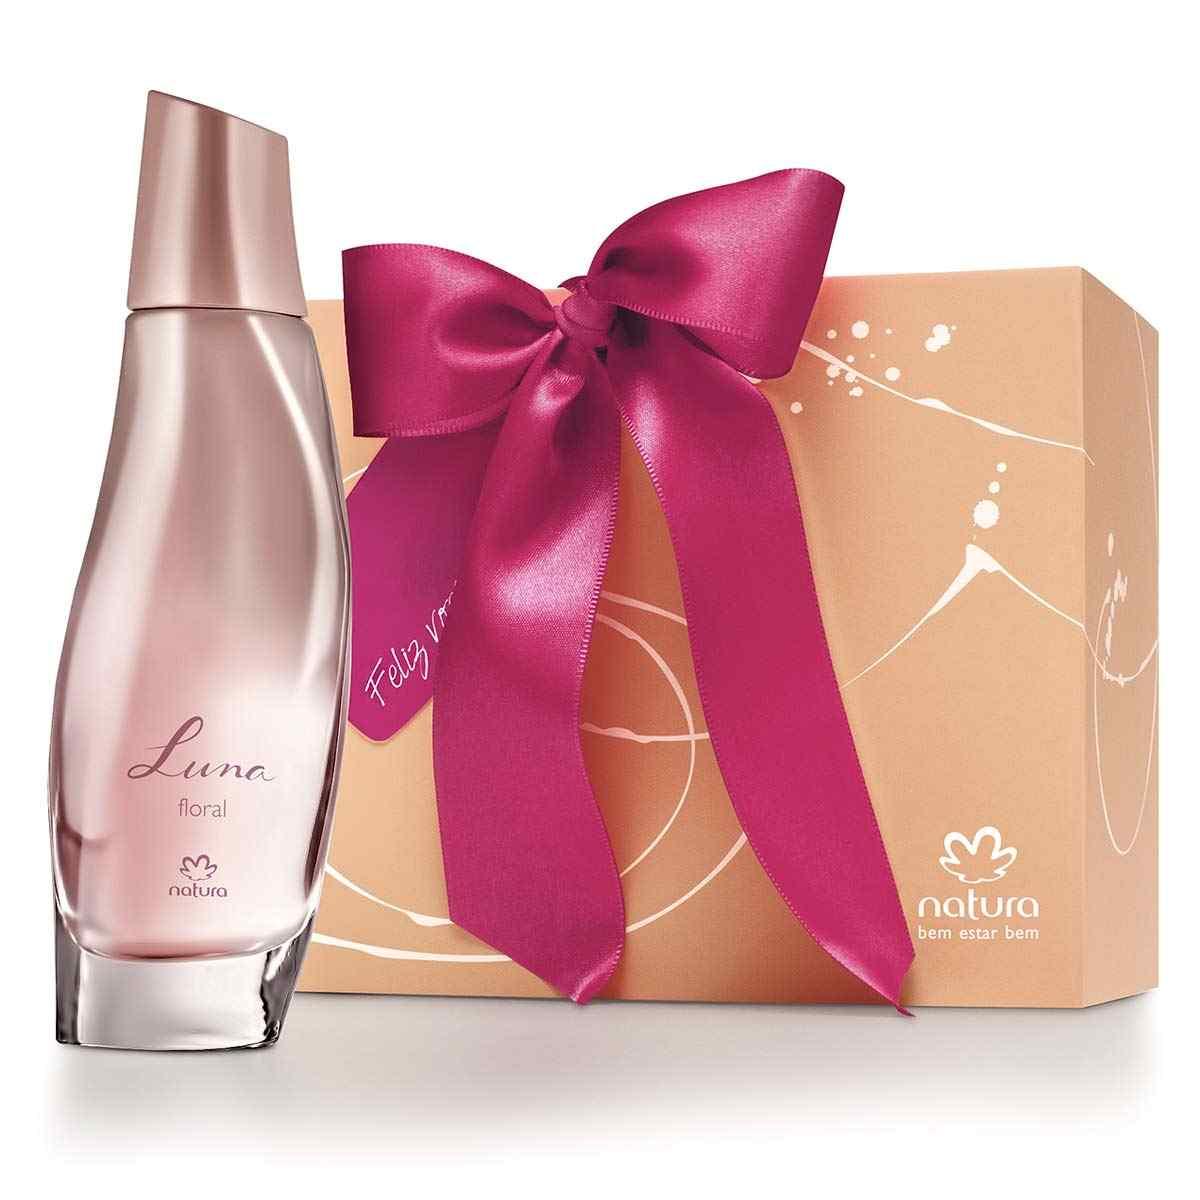 Presente Luna Floral - 83434